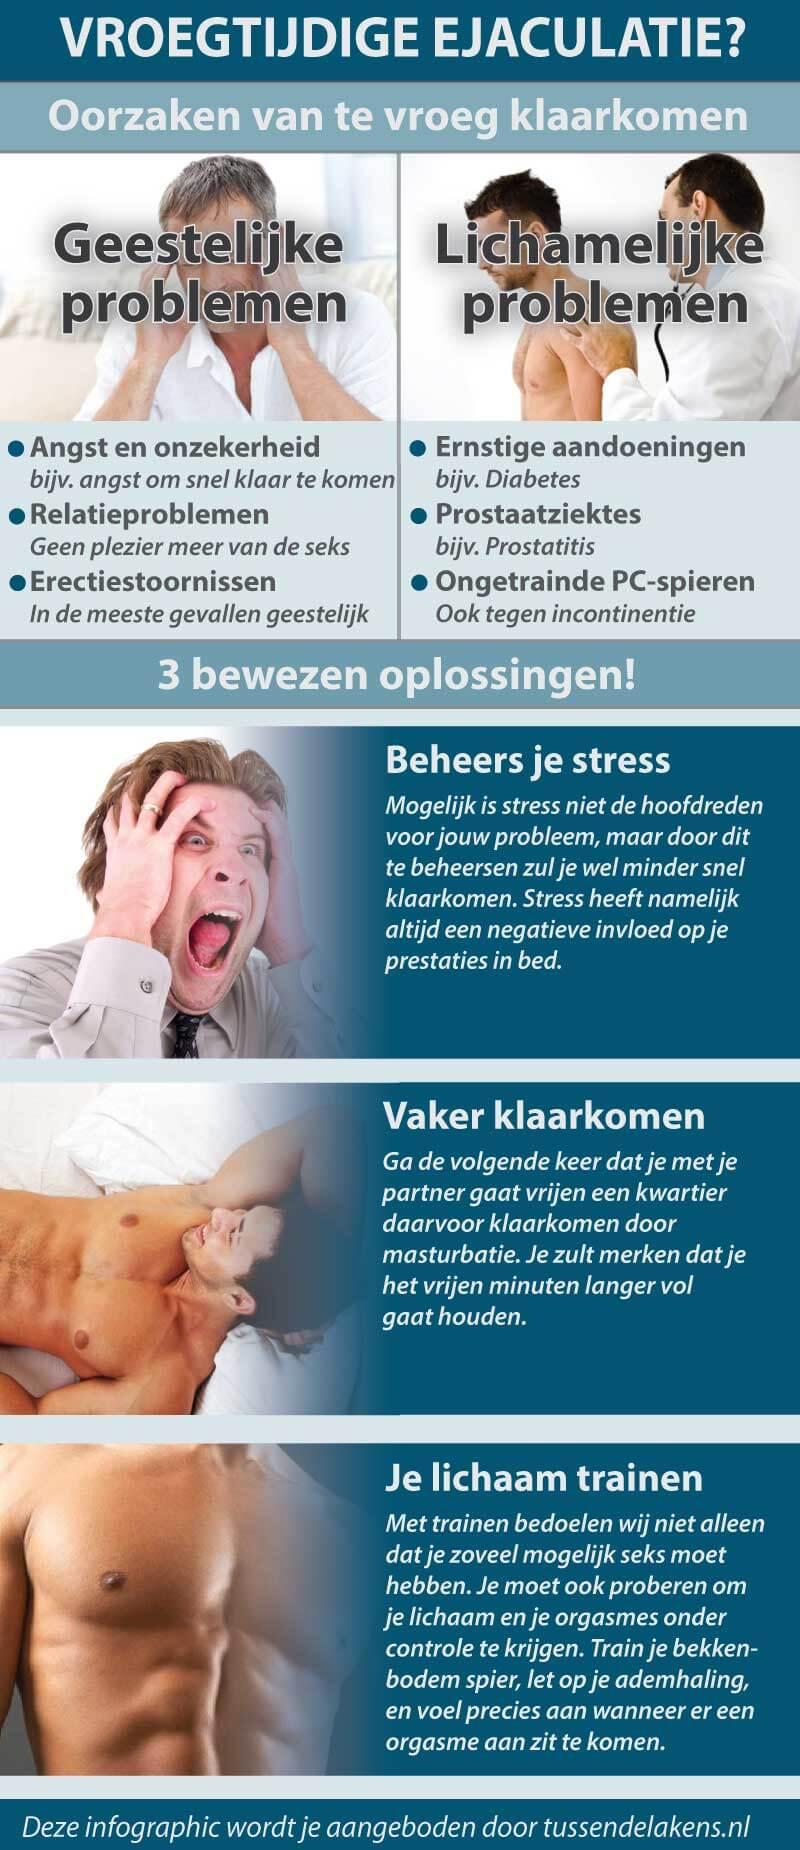 vroegrijdige-ejaculatie-voorkomen